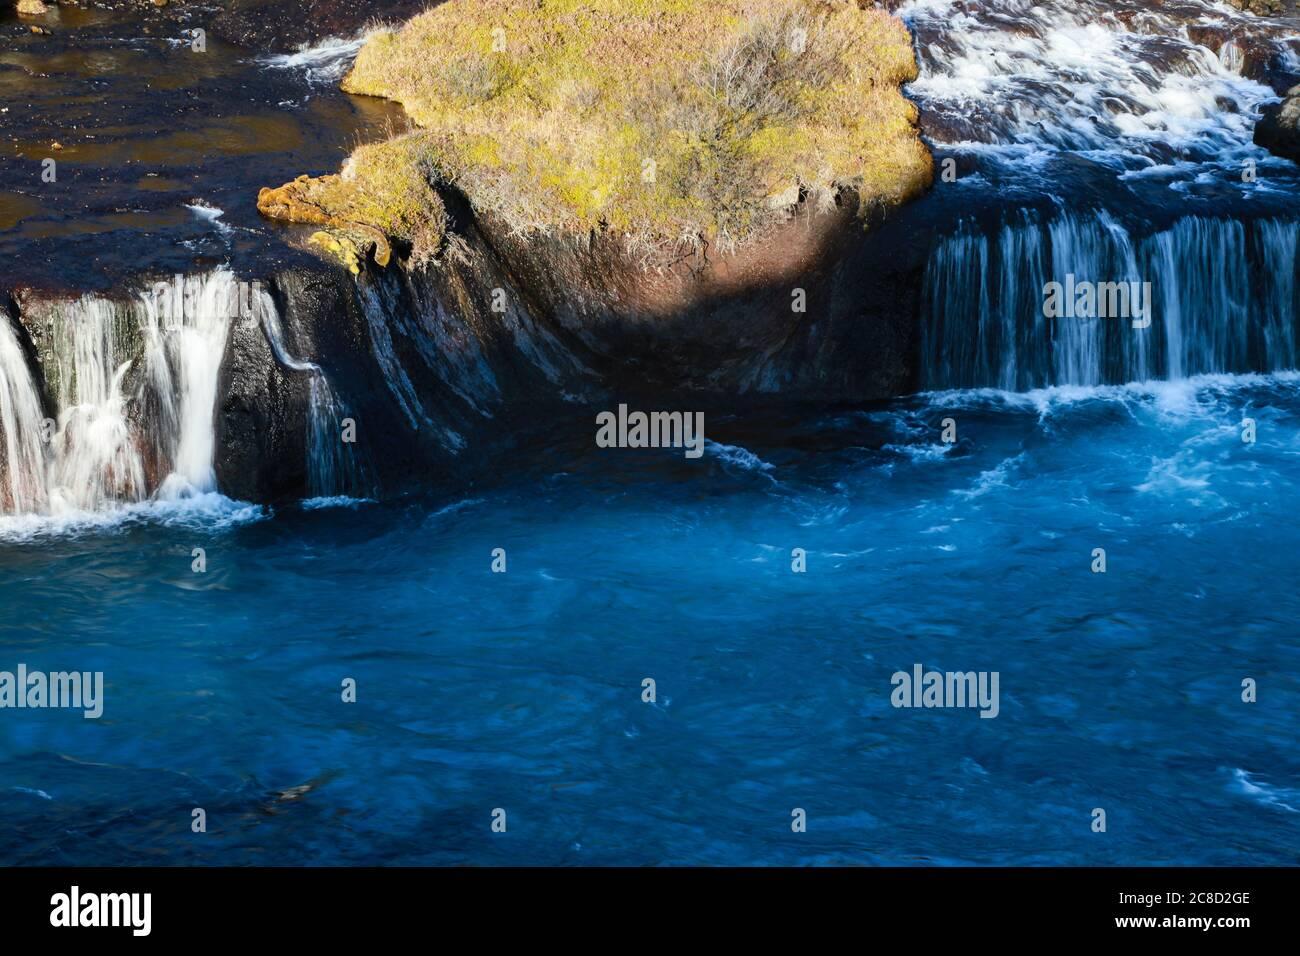 Bjarnafoss Wasserfall in Island, kommt von unterhalb einer großen Lava Ebene. Schöne Farben von Blau. Stockfoto